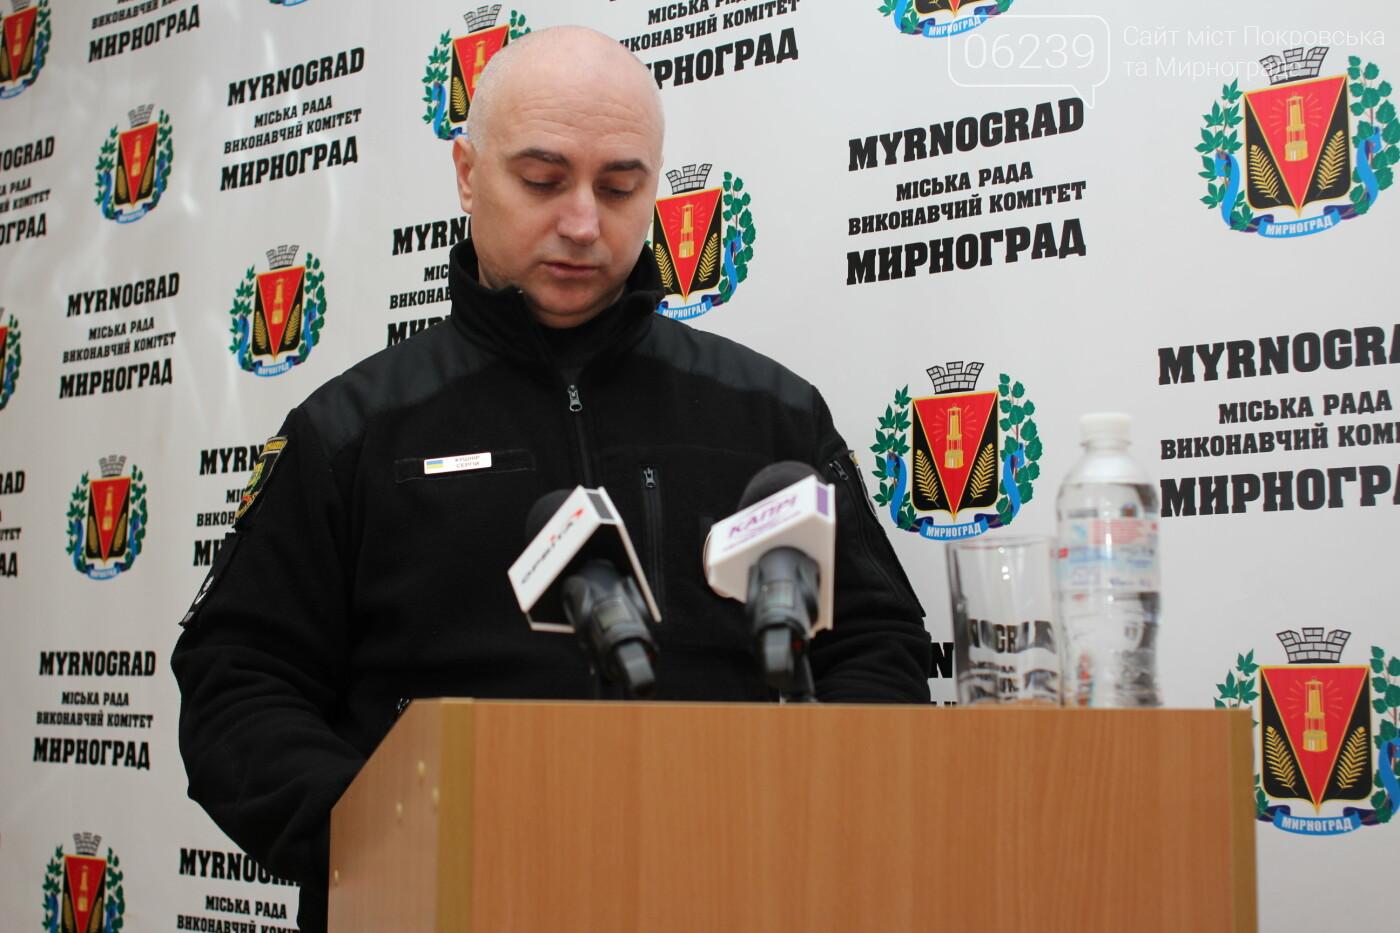 Изменения в бюджете и новый начальник отдела полиции: в Мирнограде состоялась 73-я сессия горсовета, фото-4